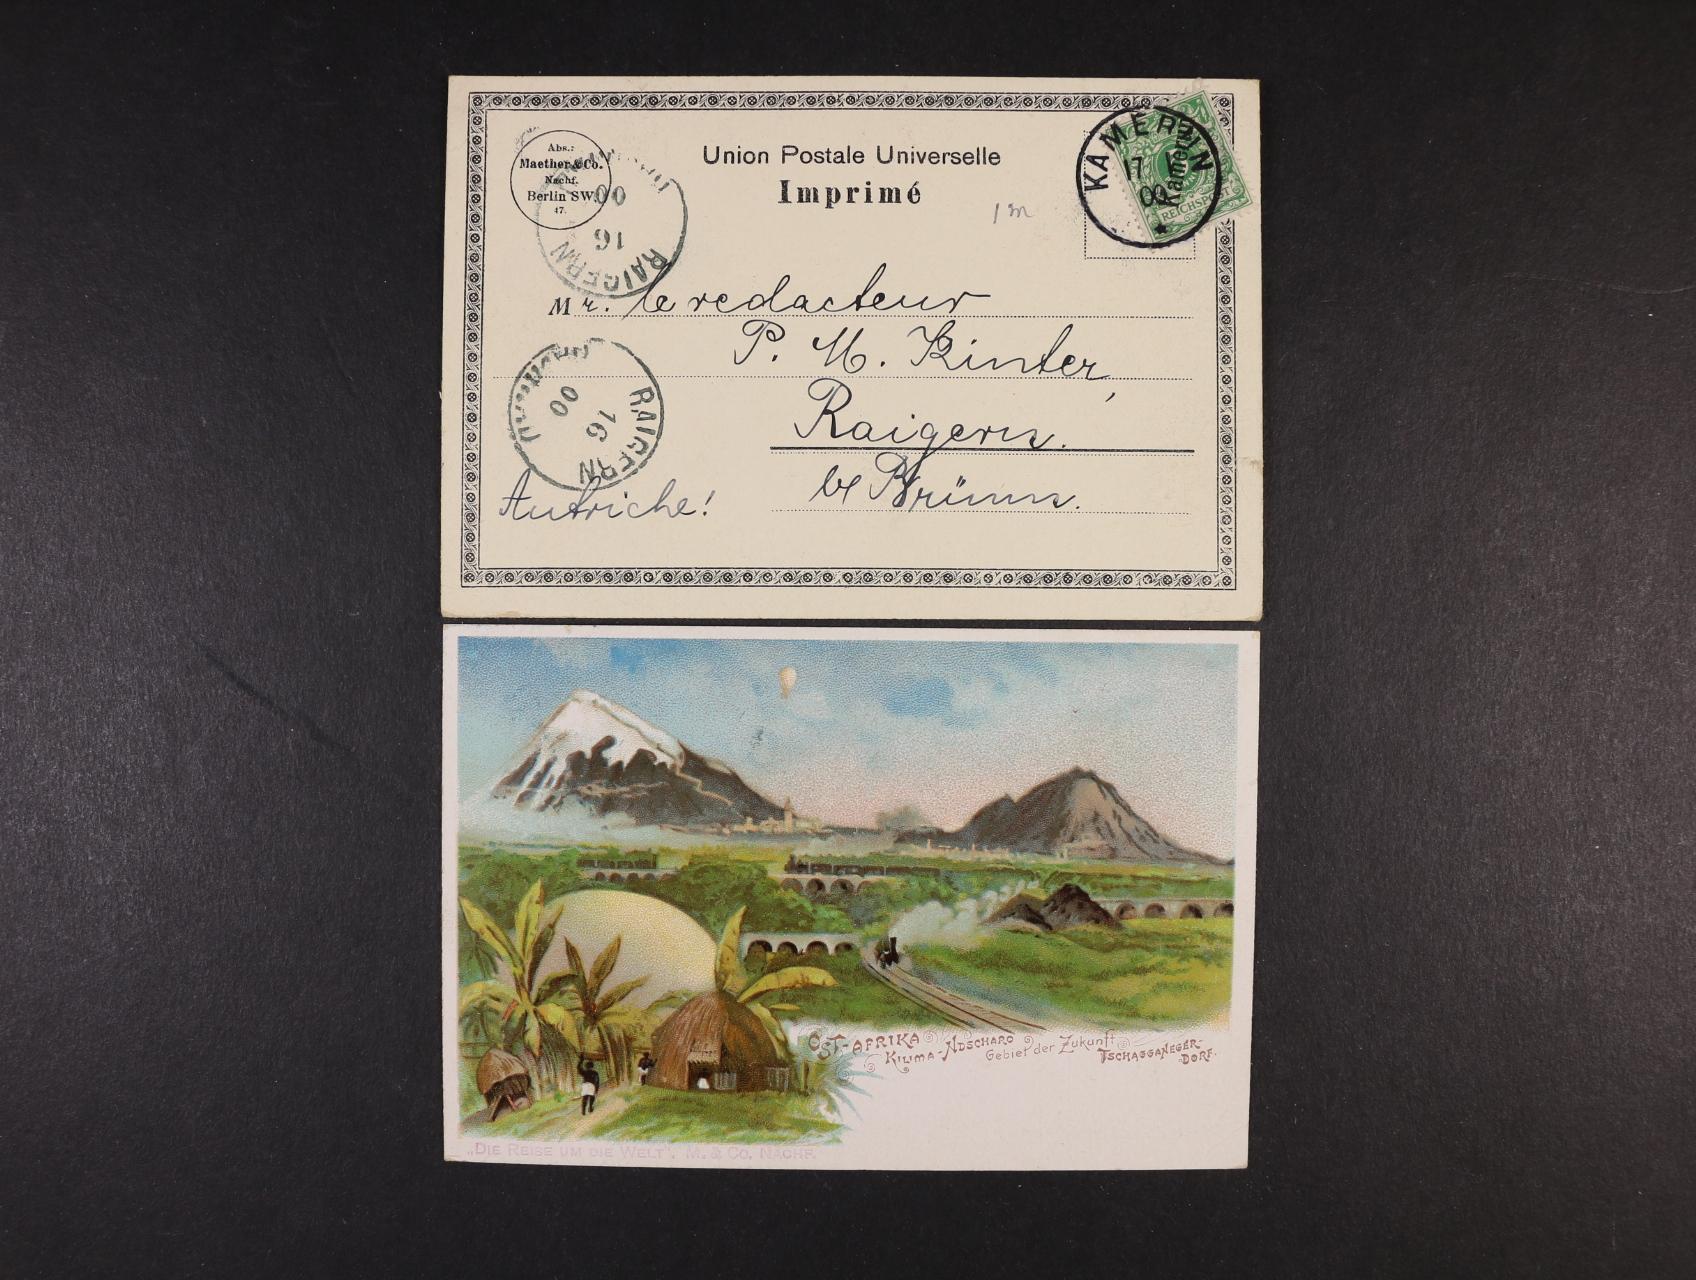 Německé kolonie Ostafrika a Kamerun - dvě bar. litografie, dl. adresy, použité 1900, dobrá kvalita